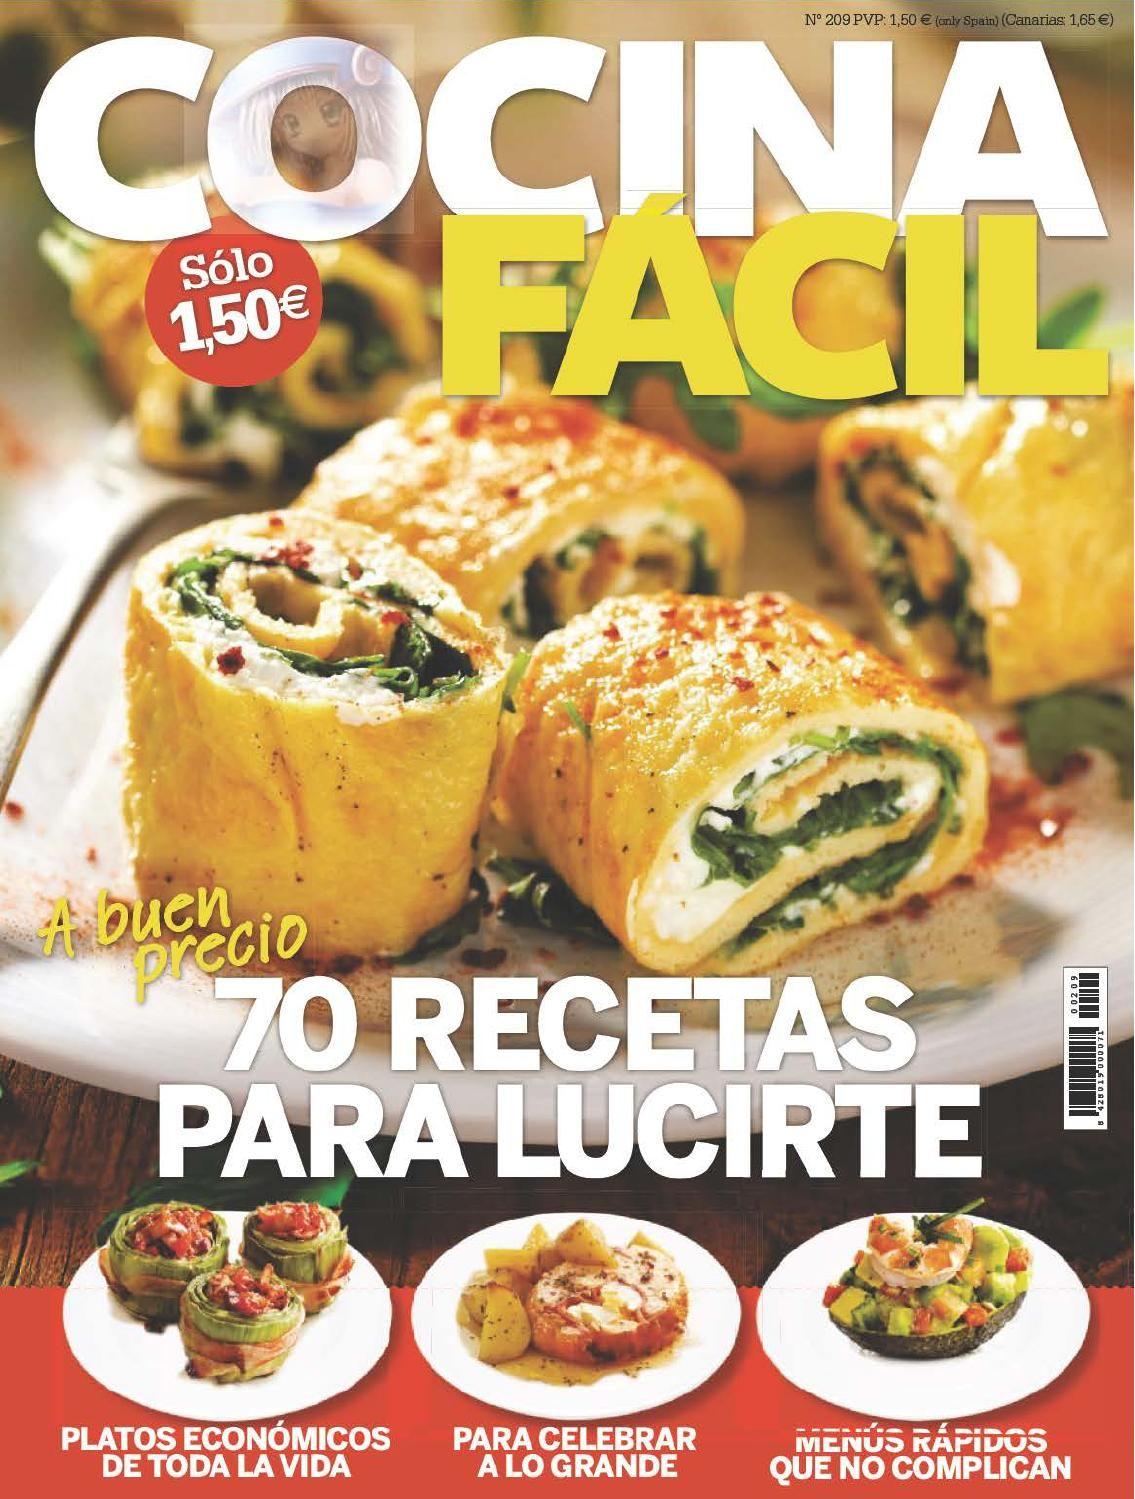 Cocina Facil Lecturas | Cocina Facil Lecturas Maria Jose Redondo Bello Car Interior Design